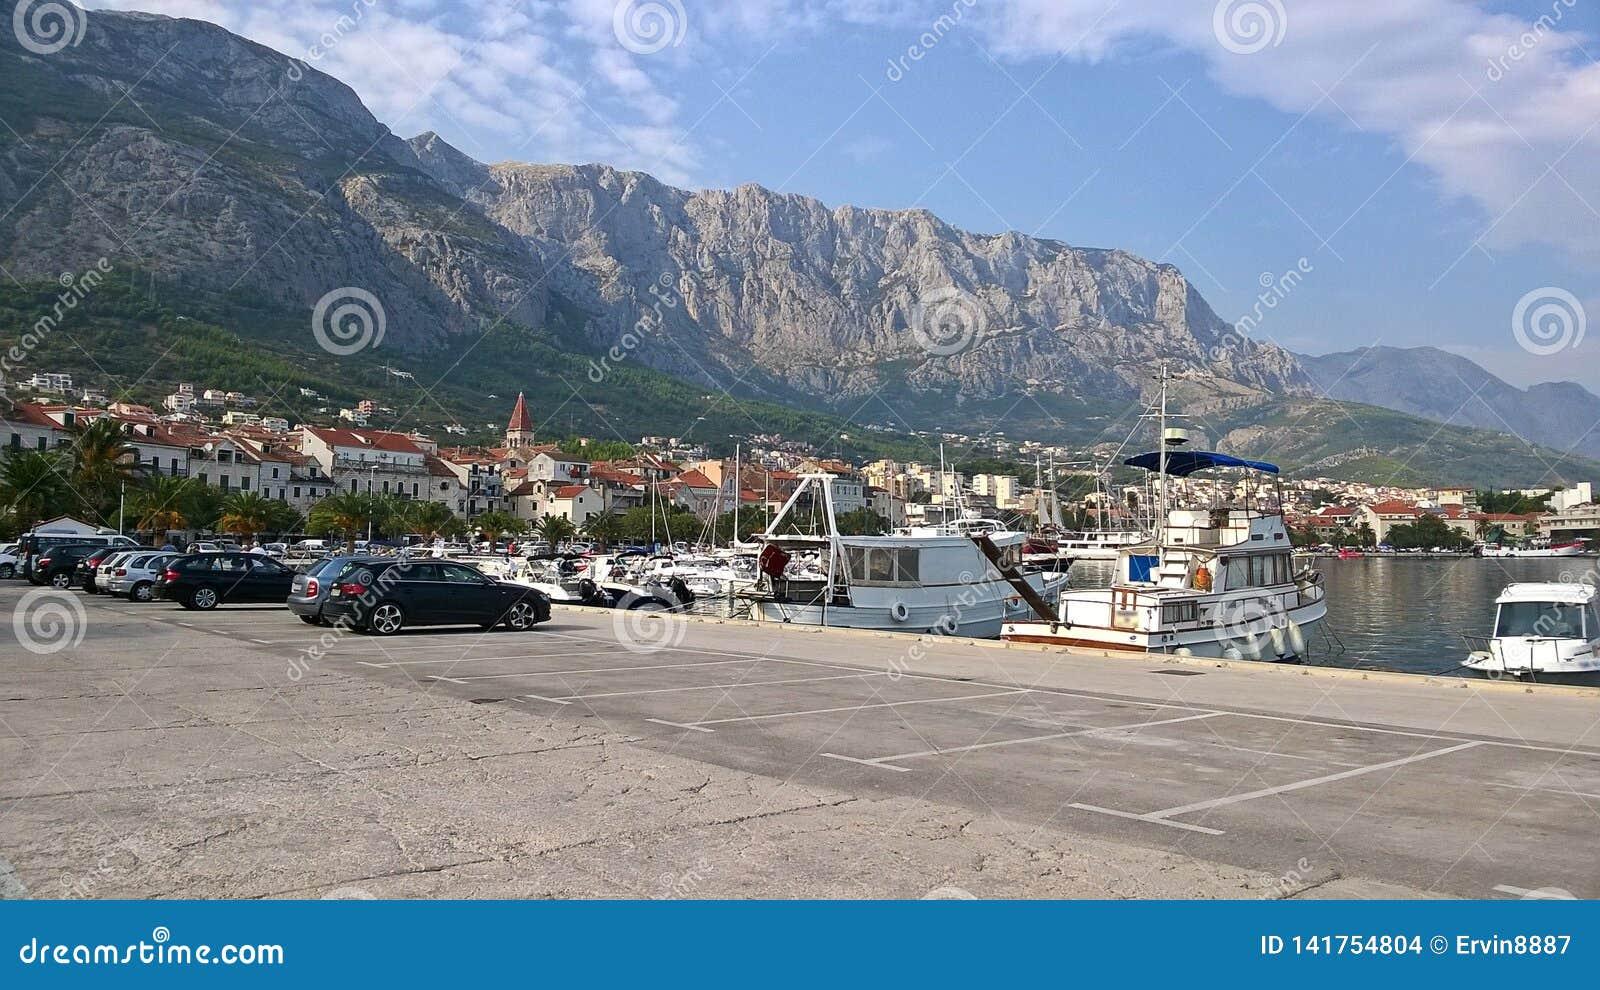 Άποψη της πόλης και του λιμανιού σε Makarska, Κροατία Είναι μια από τις επισκεμμένες πόλεις της Κροατίας